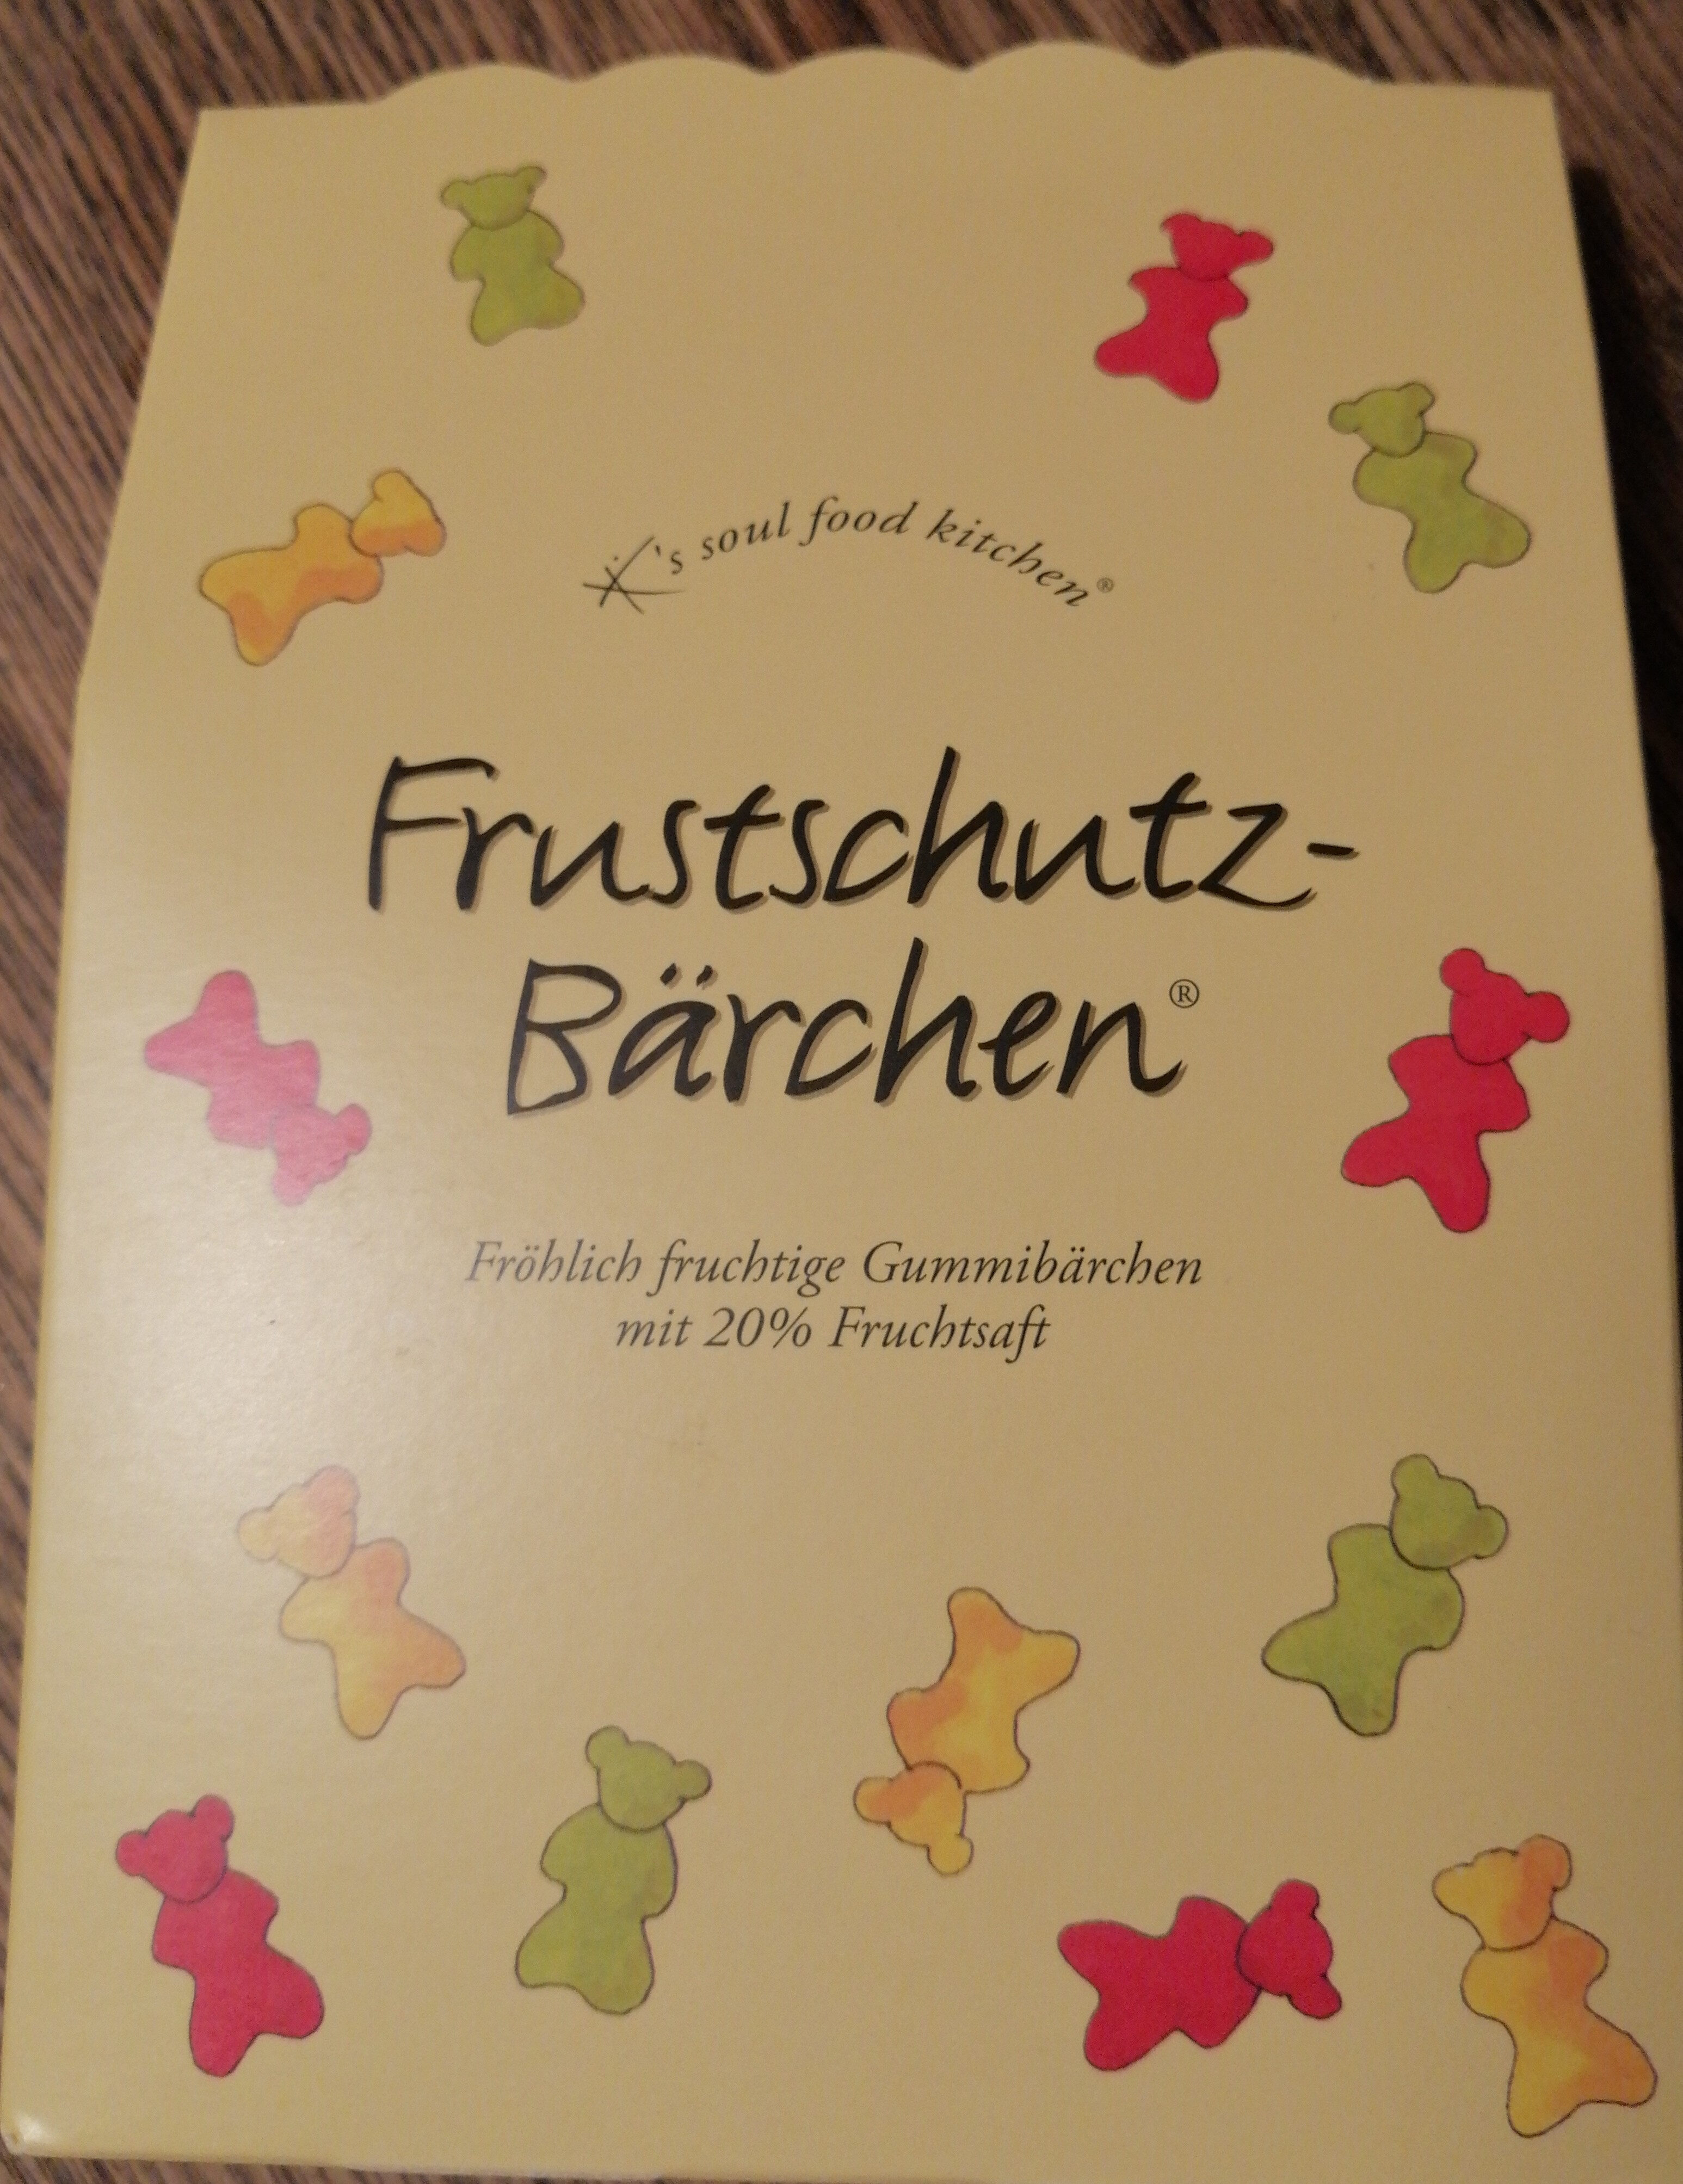 Frustschutz- Bärchen - Produit - de